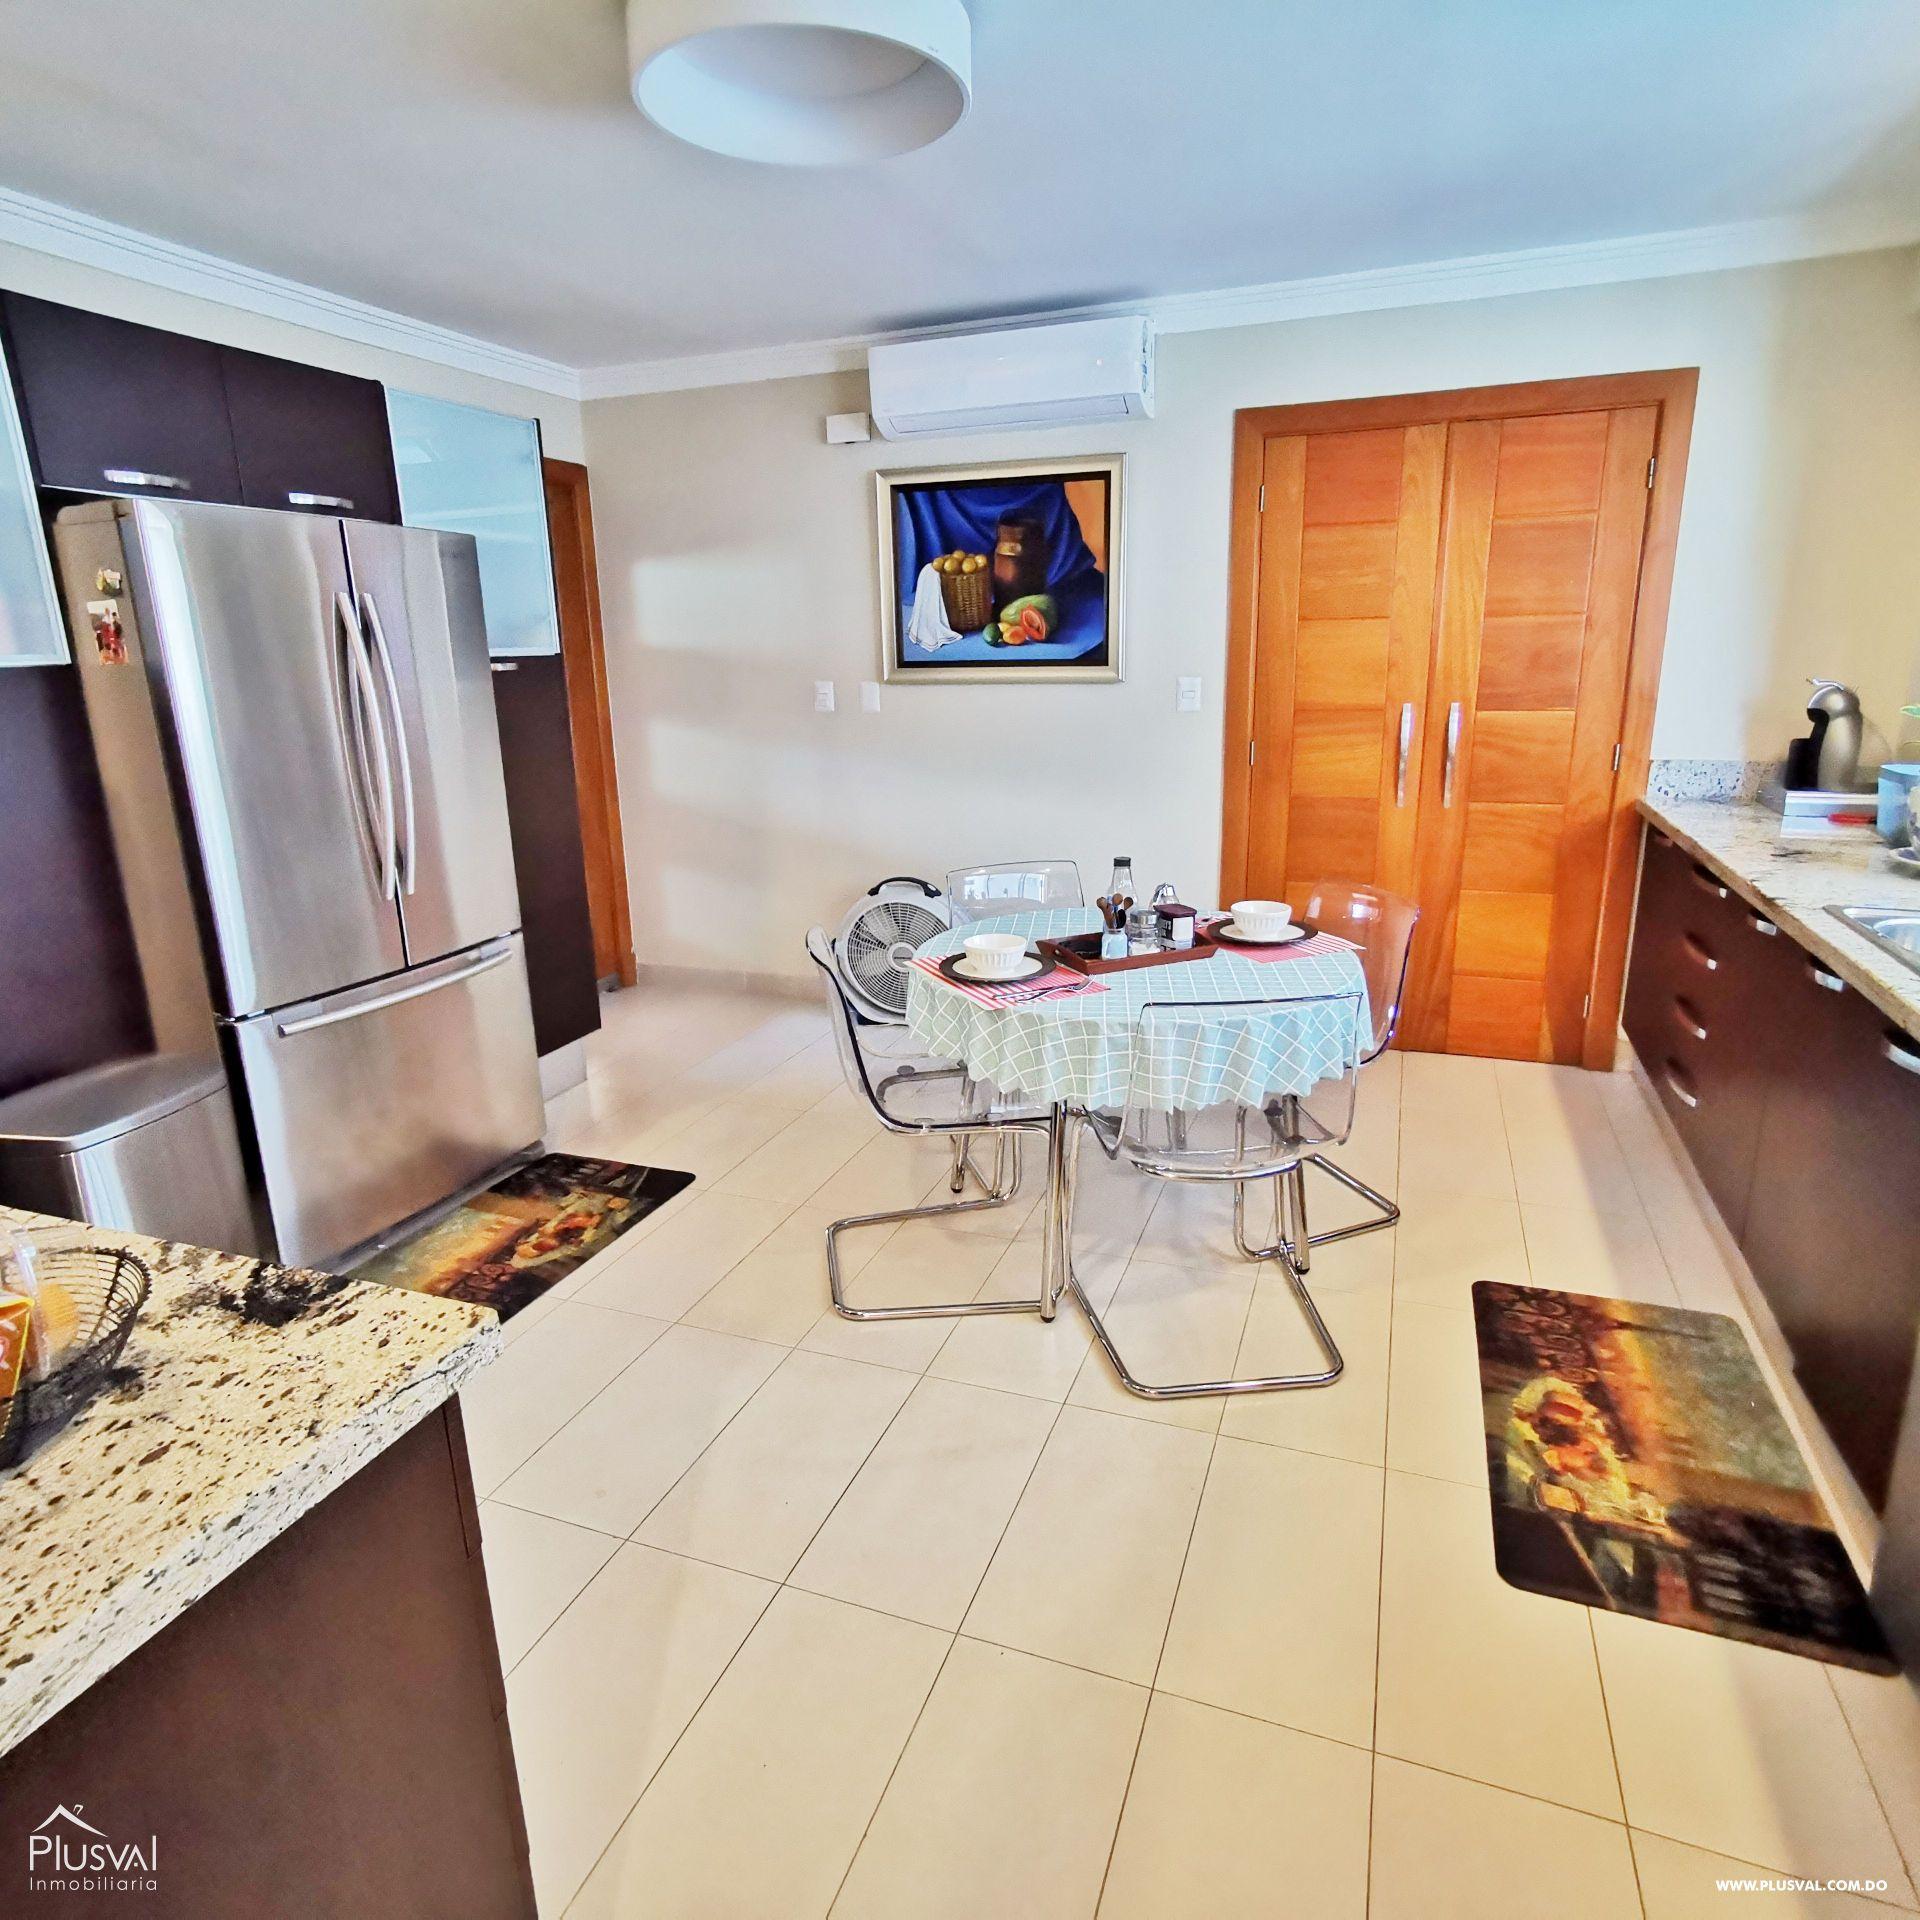 Venta de Apartamento en Piantini en Exclusiva Torre de Sólo 9 Apartamentos 184126